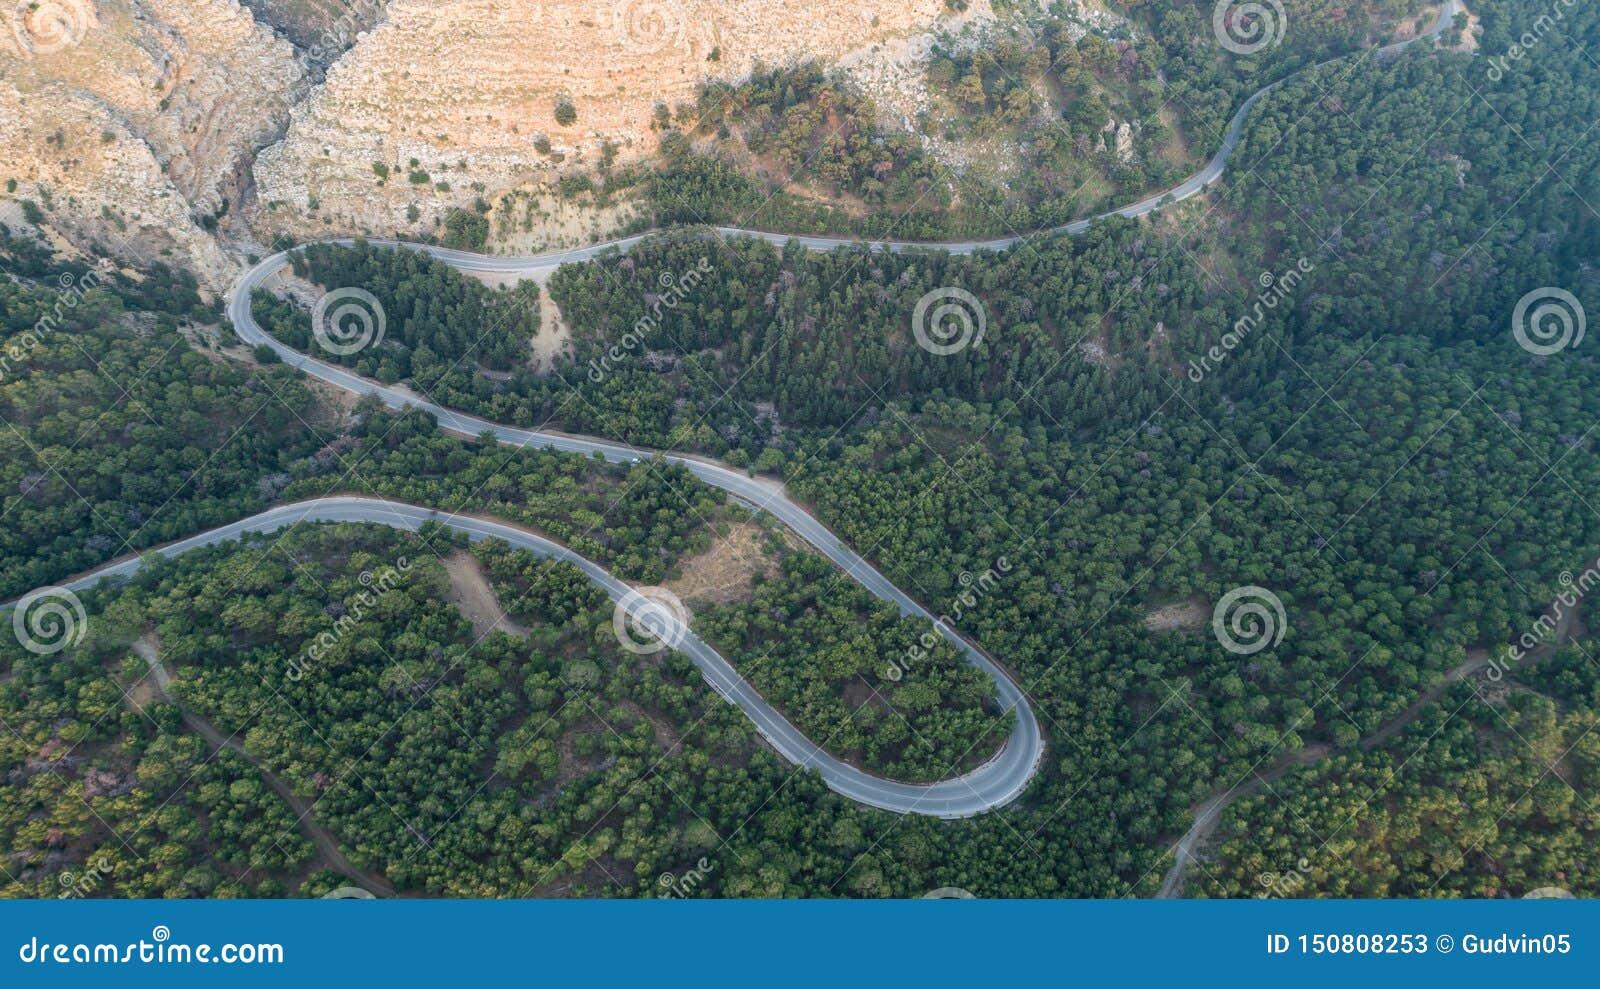 Вид с воздуха дороги кривой горы Зеленый лес на заходе солнца летом в Европе Ландшафт с дорогой асфальта, деревьями на утесах